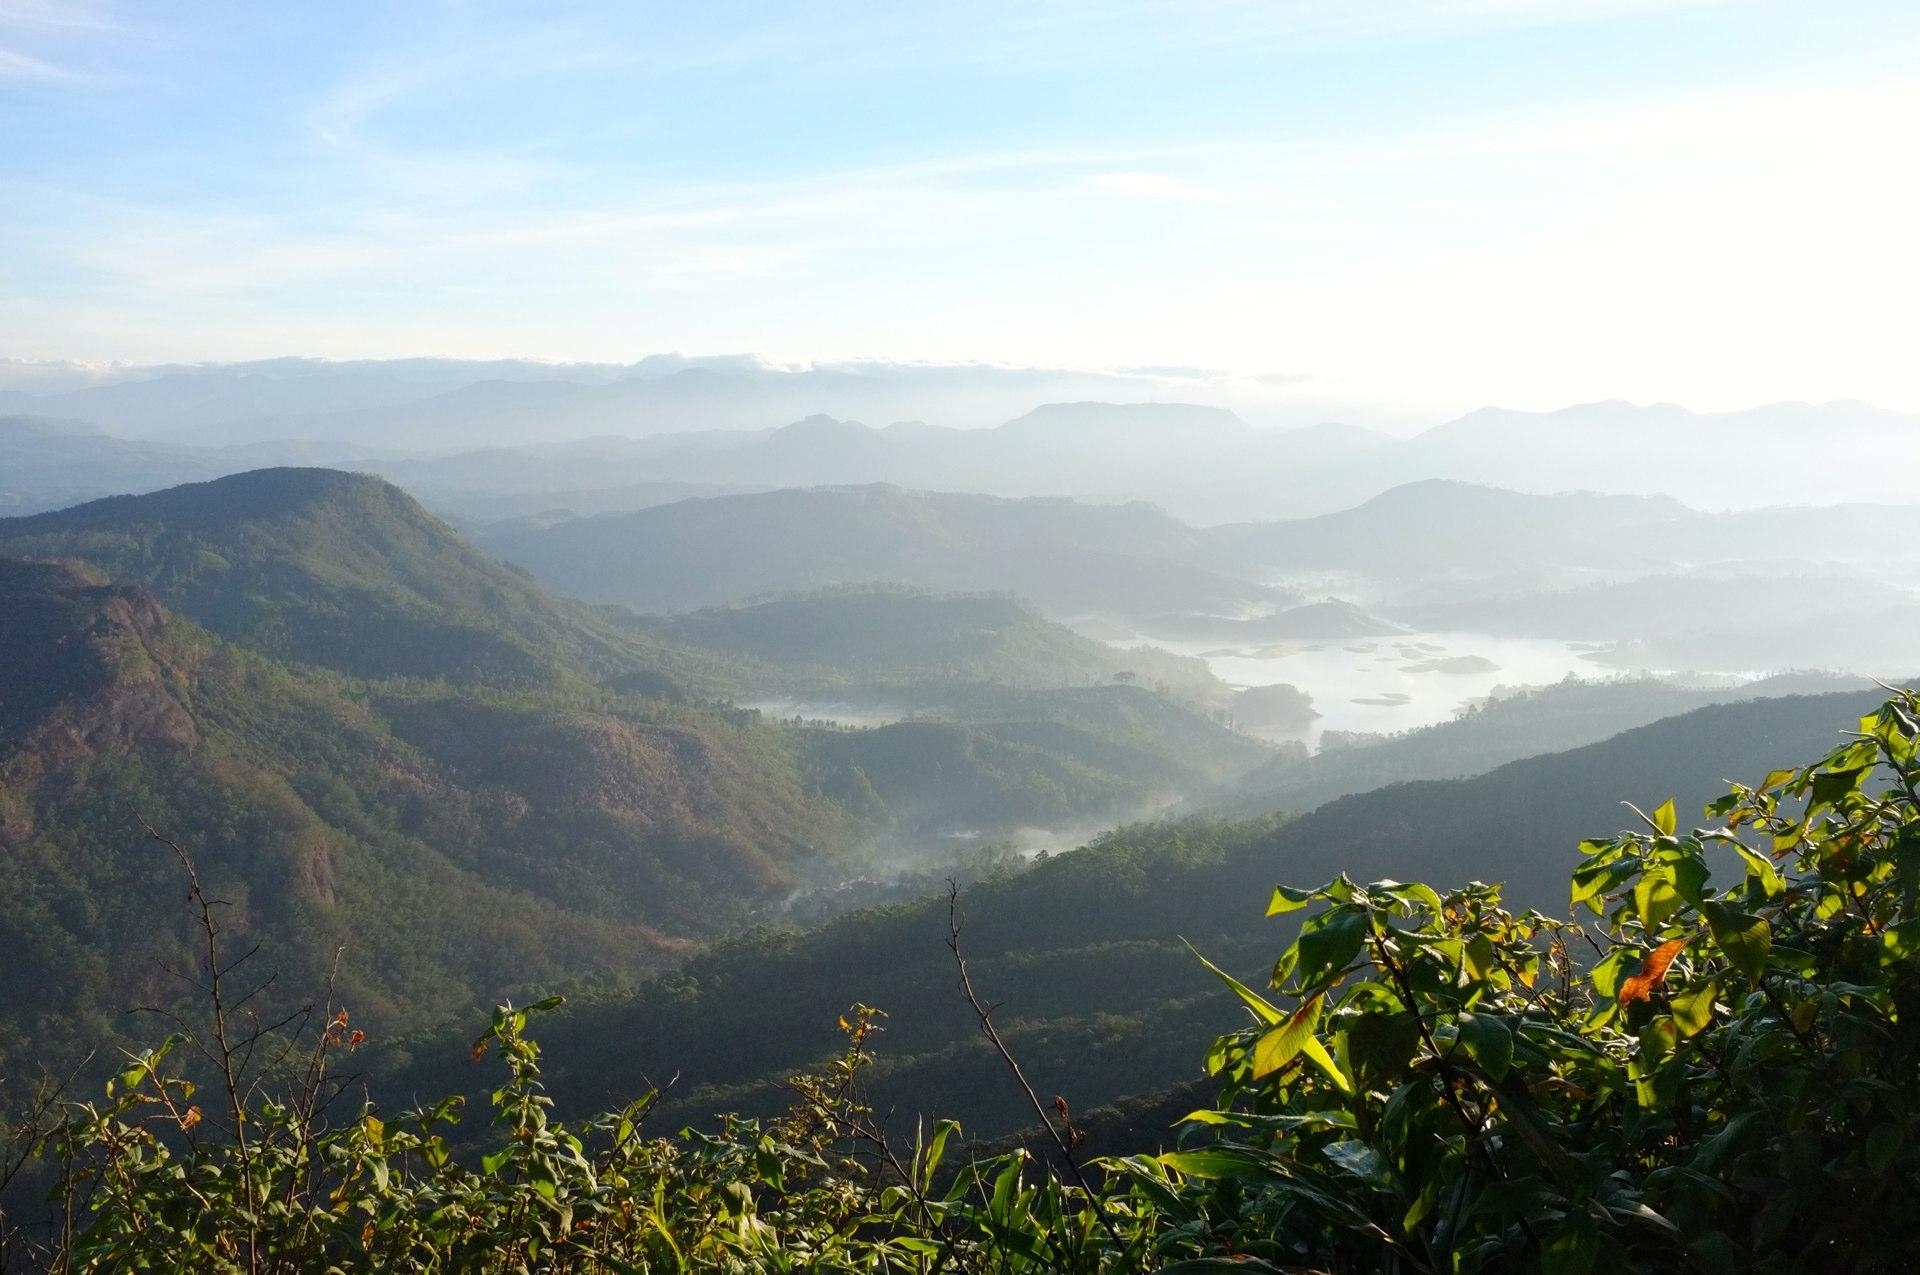 Adam's peak landscape